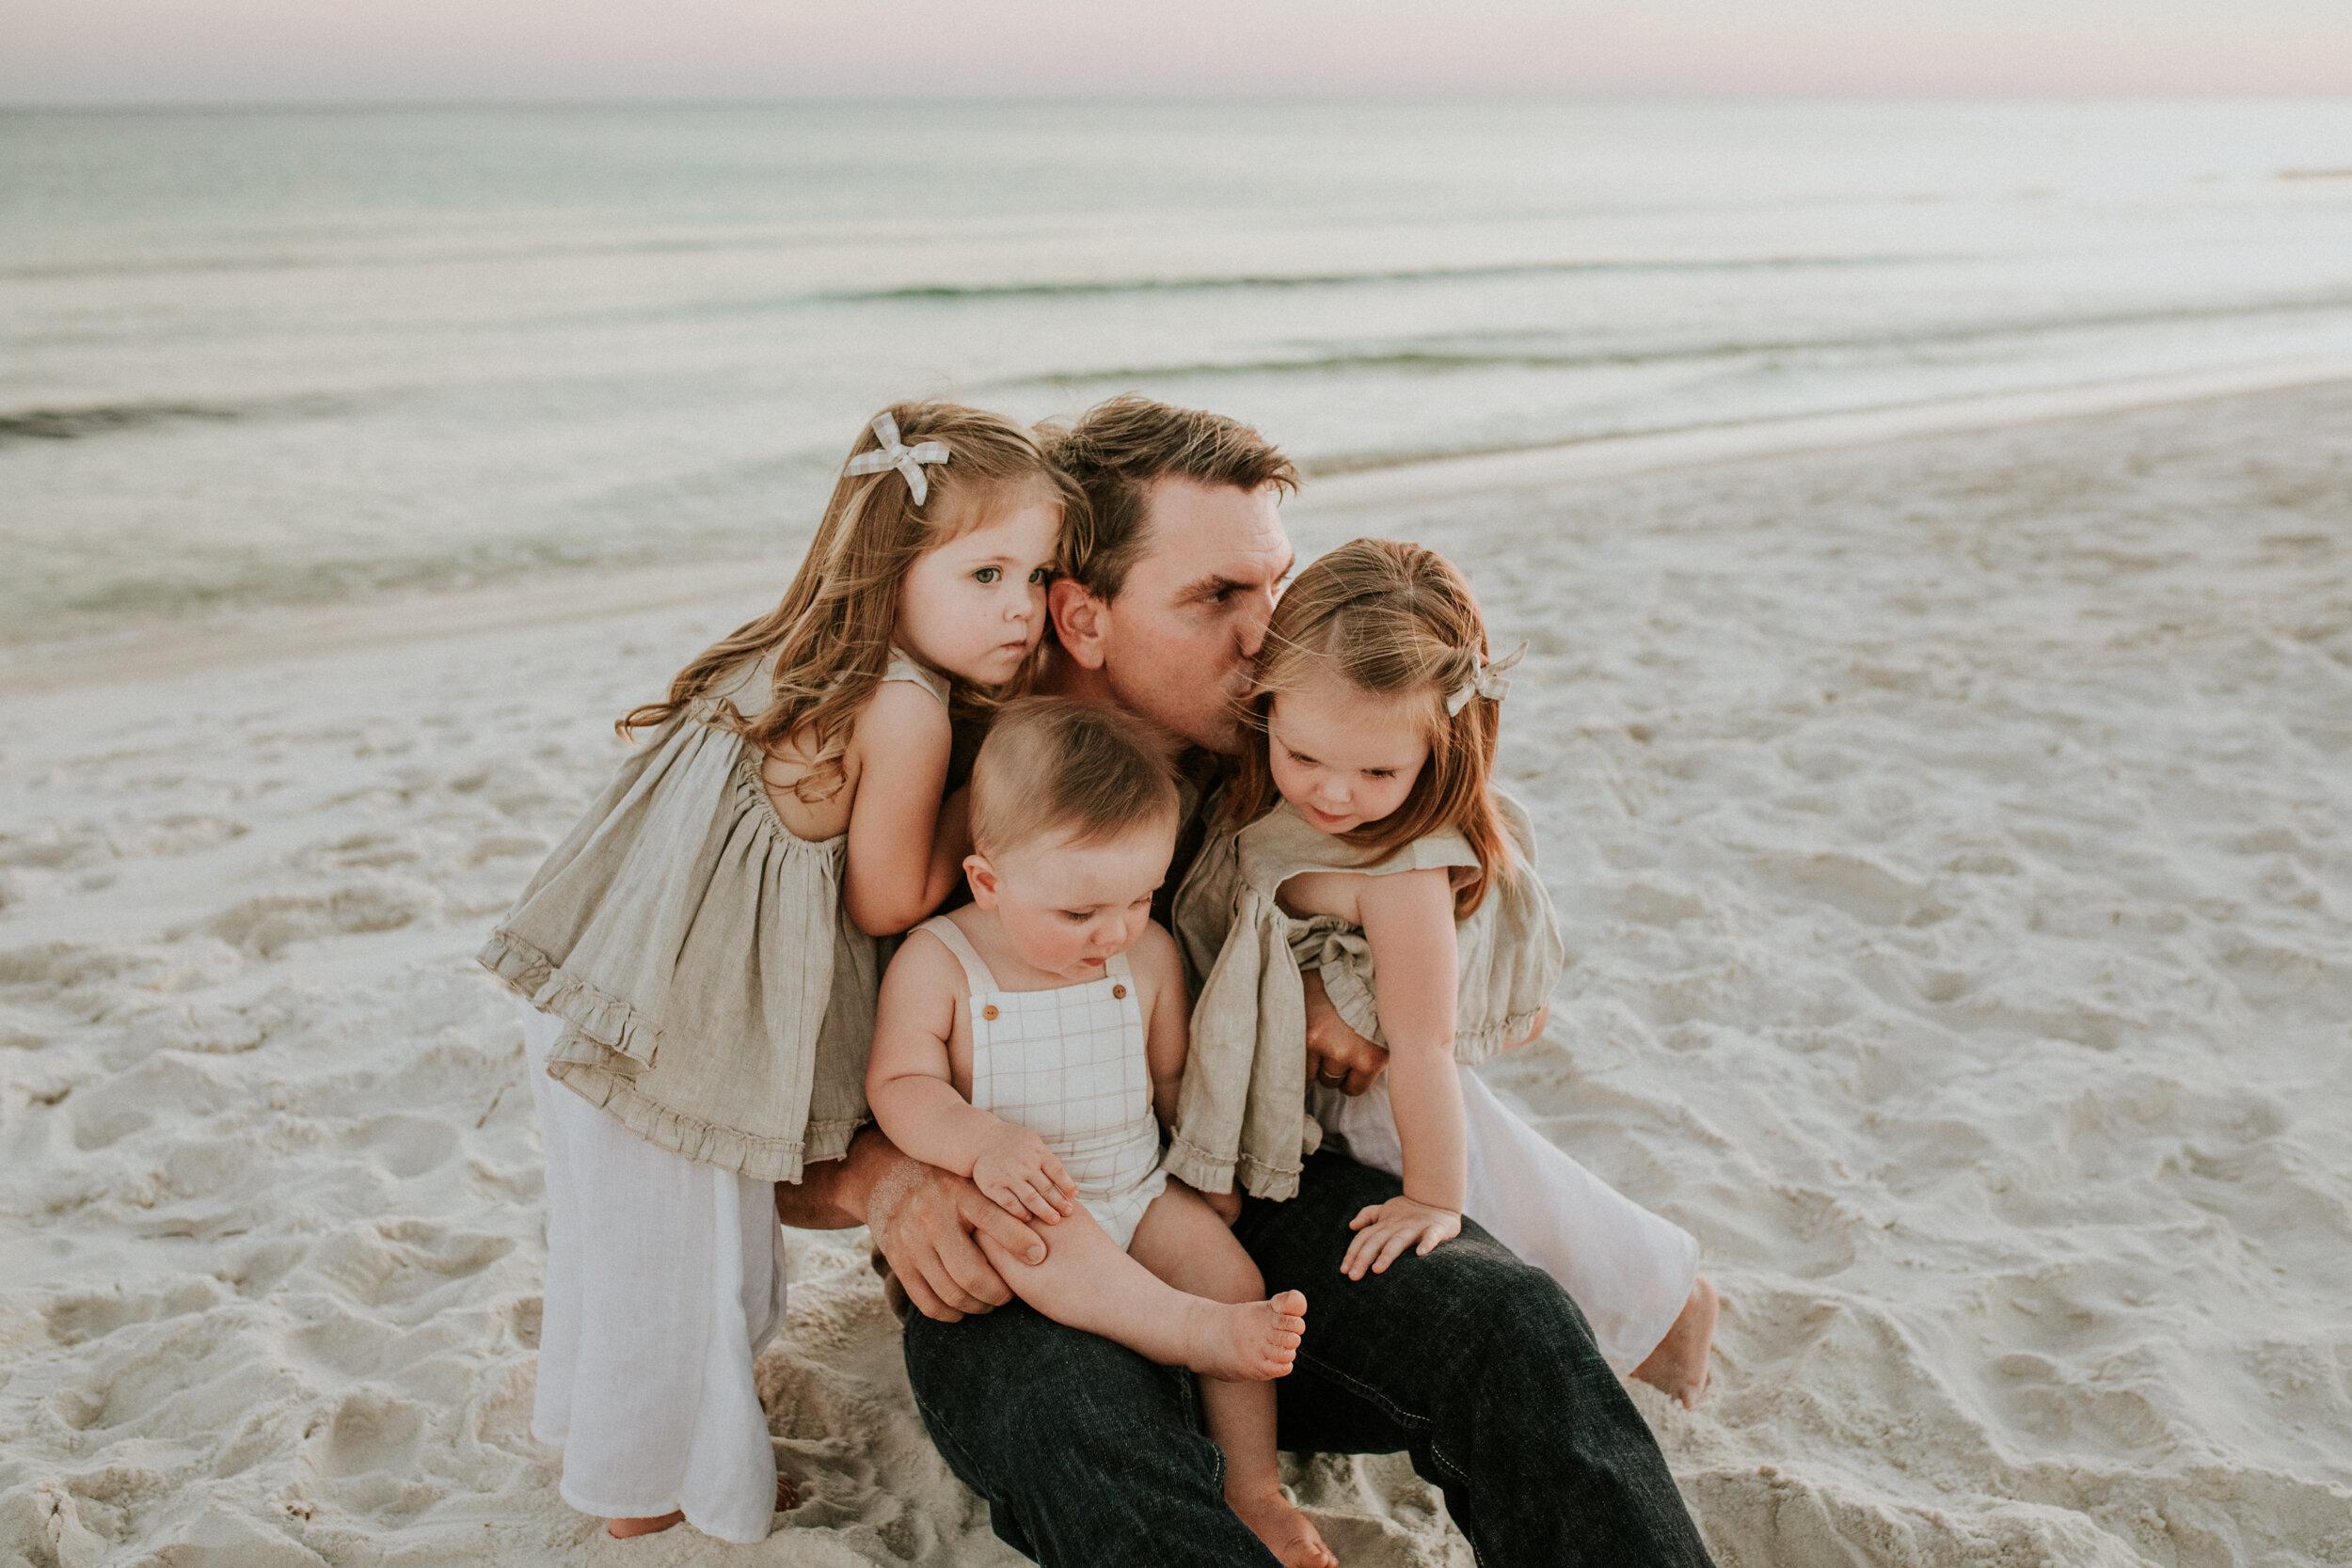 30a_Destin_Watersound_Florida_Family_Photographer_Beach_Photos-69.jpg